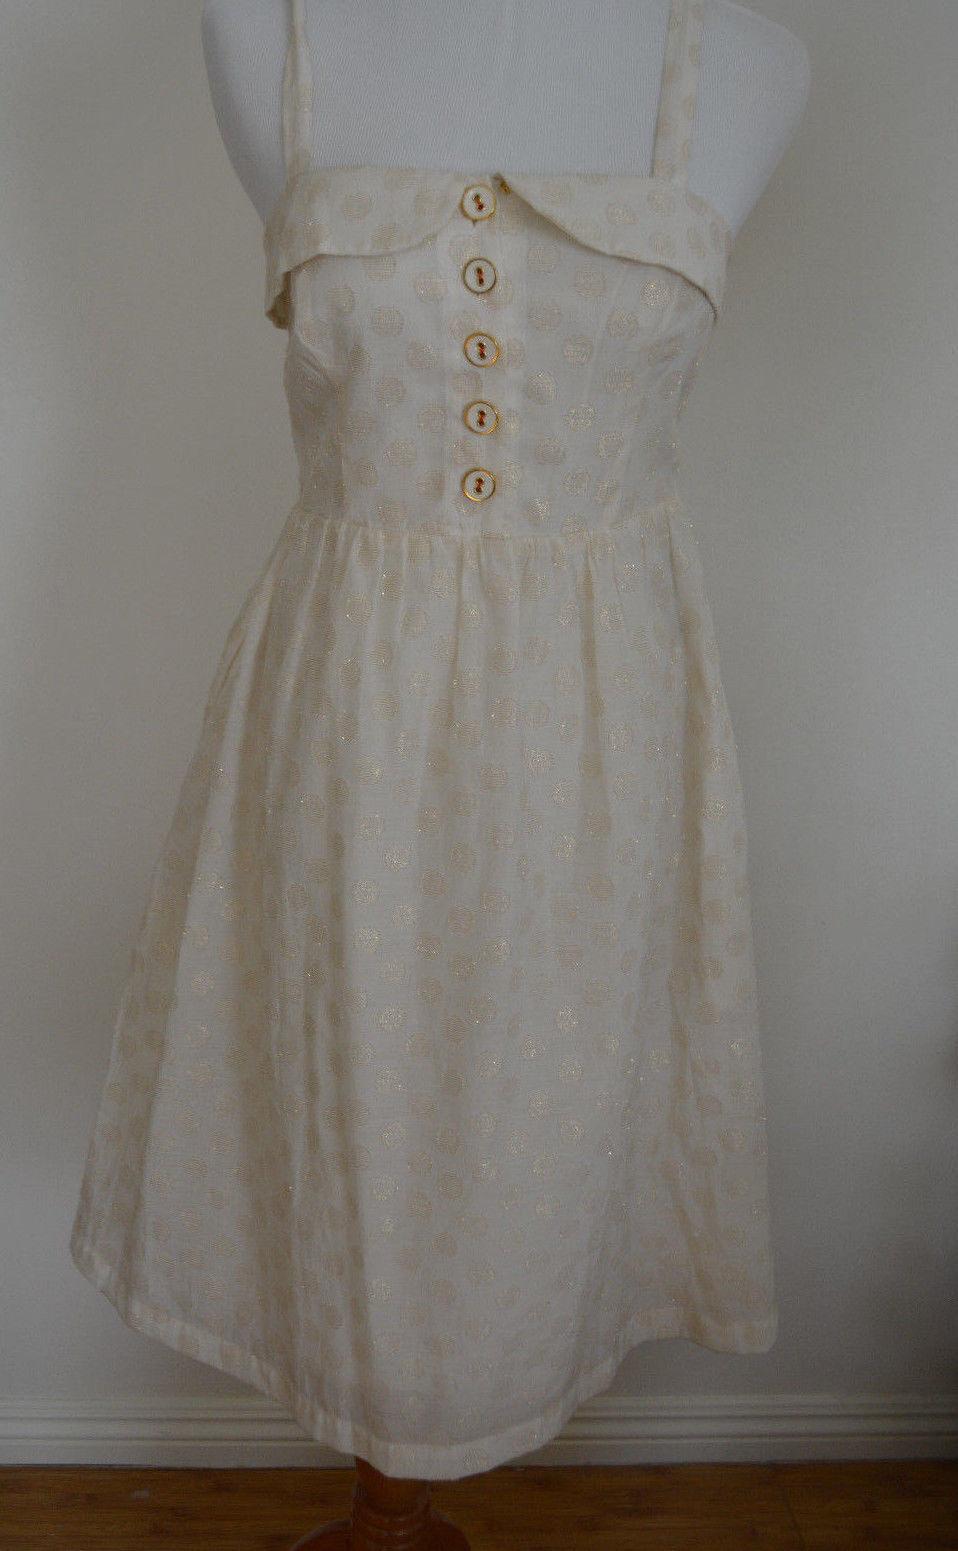 4 Anthropologie Anthropologie Anthropologie golden Dot  In A Twinkling Dress  575b5d